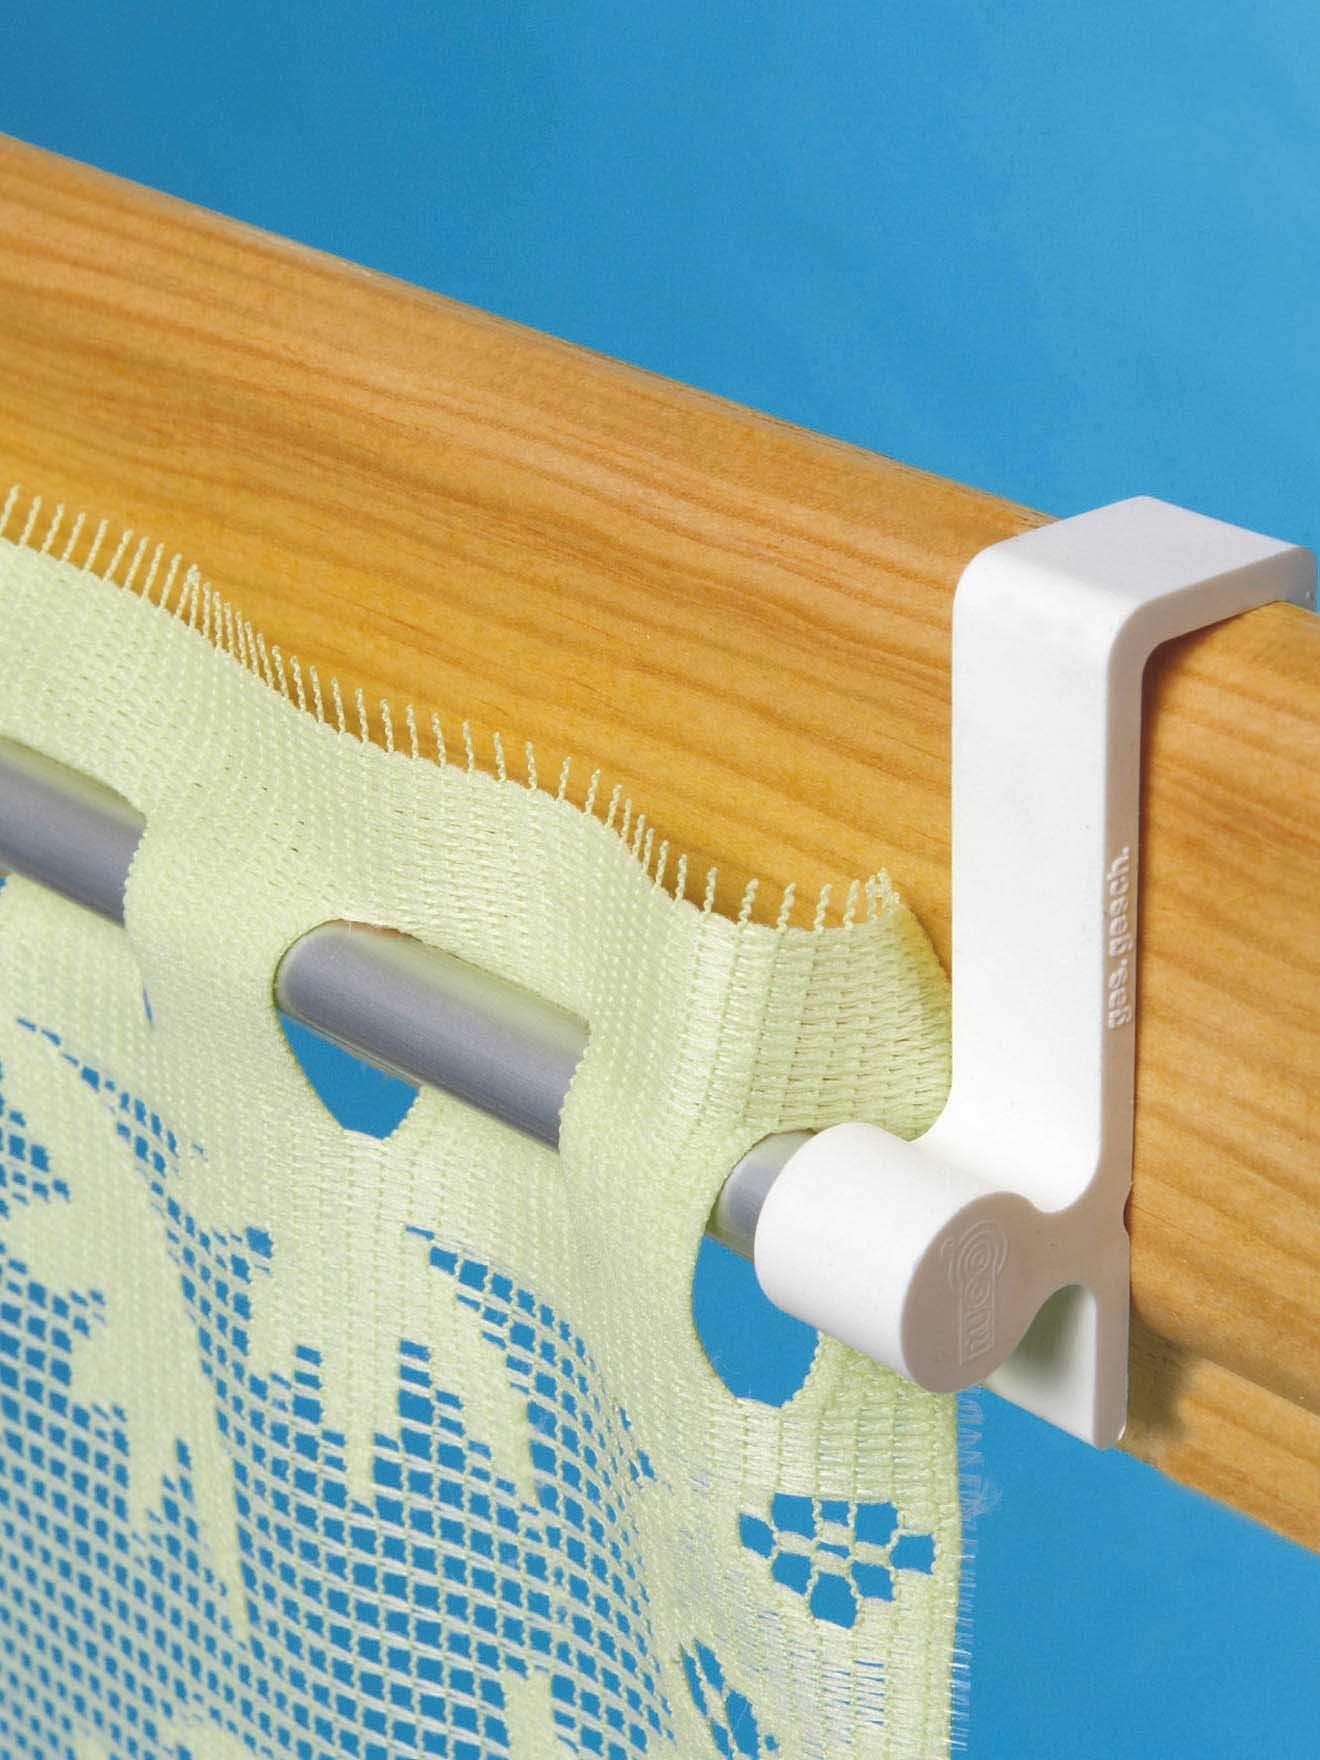 tringle rideaux sans clou ni vis daxon. Black Bedroom Furniture Sets. Home Design Ideas